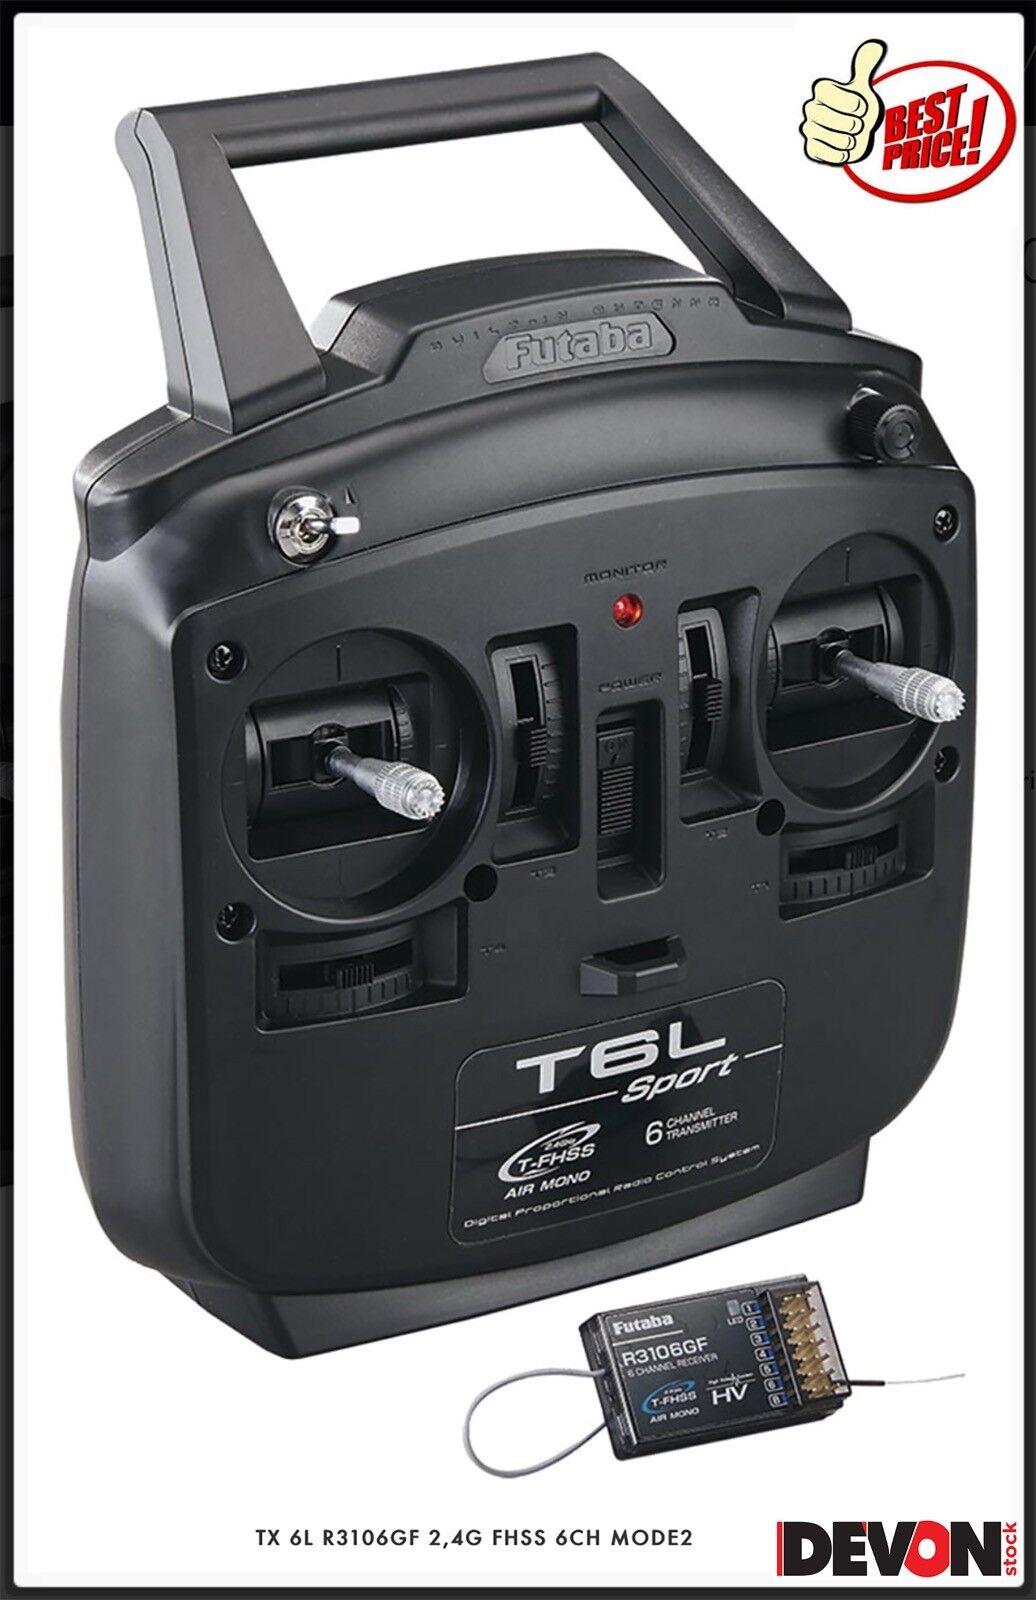 Radiocomando Futaba TX 6L R3106FG 2,4GHZ 6CH MODE 2 Elicotteri Elettrici radio